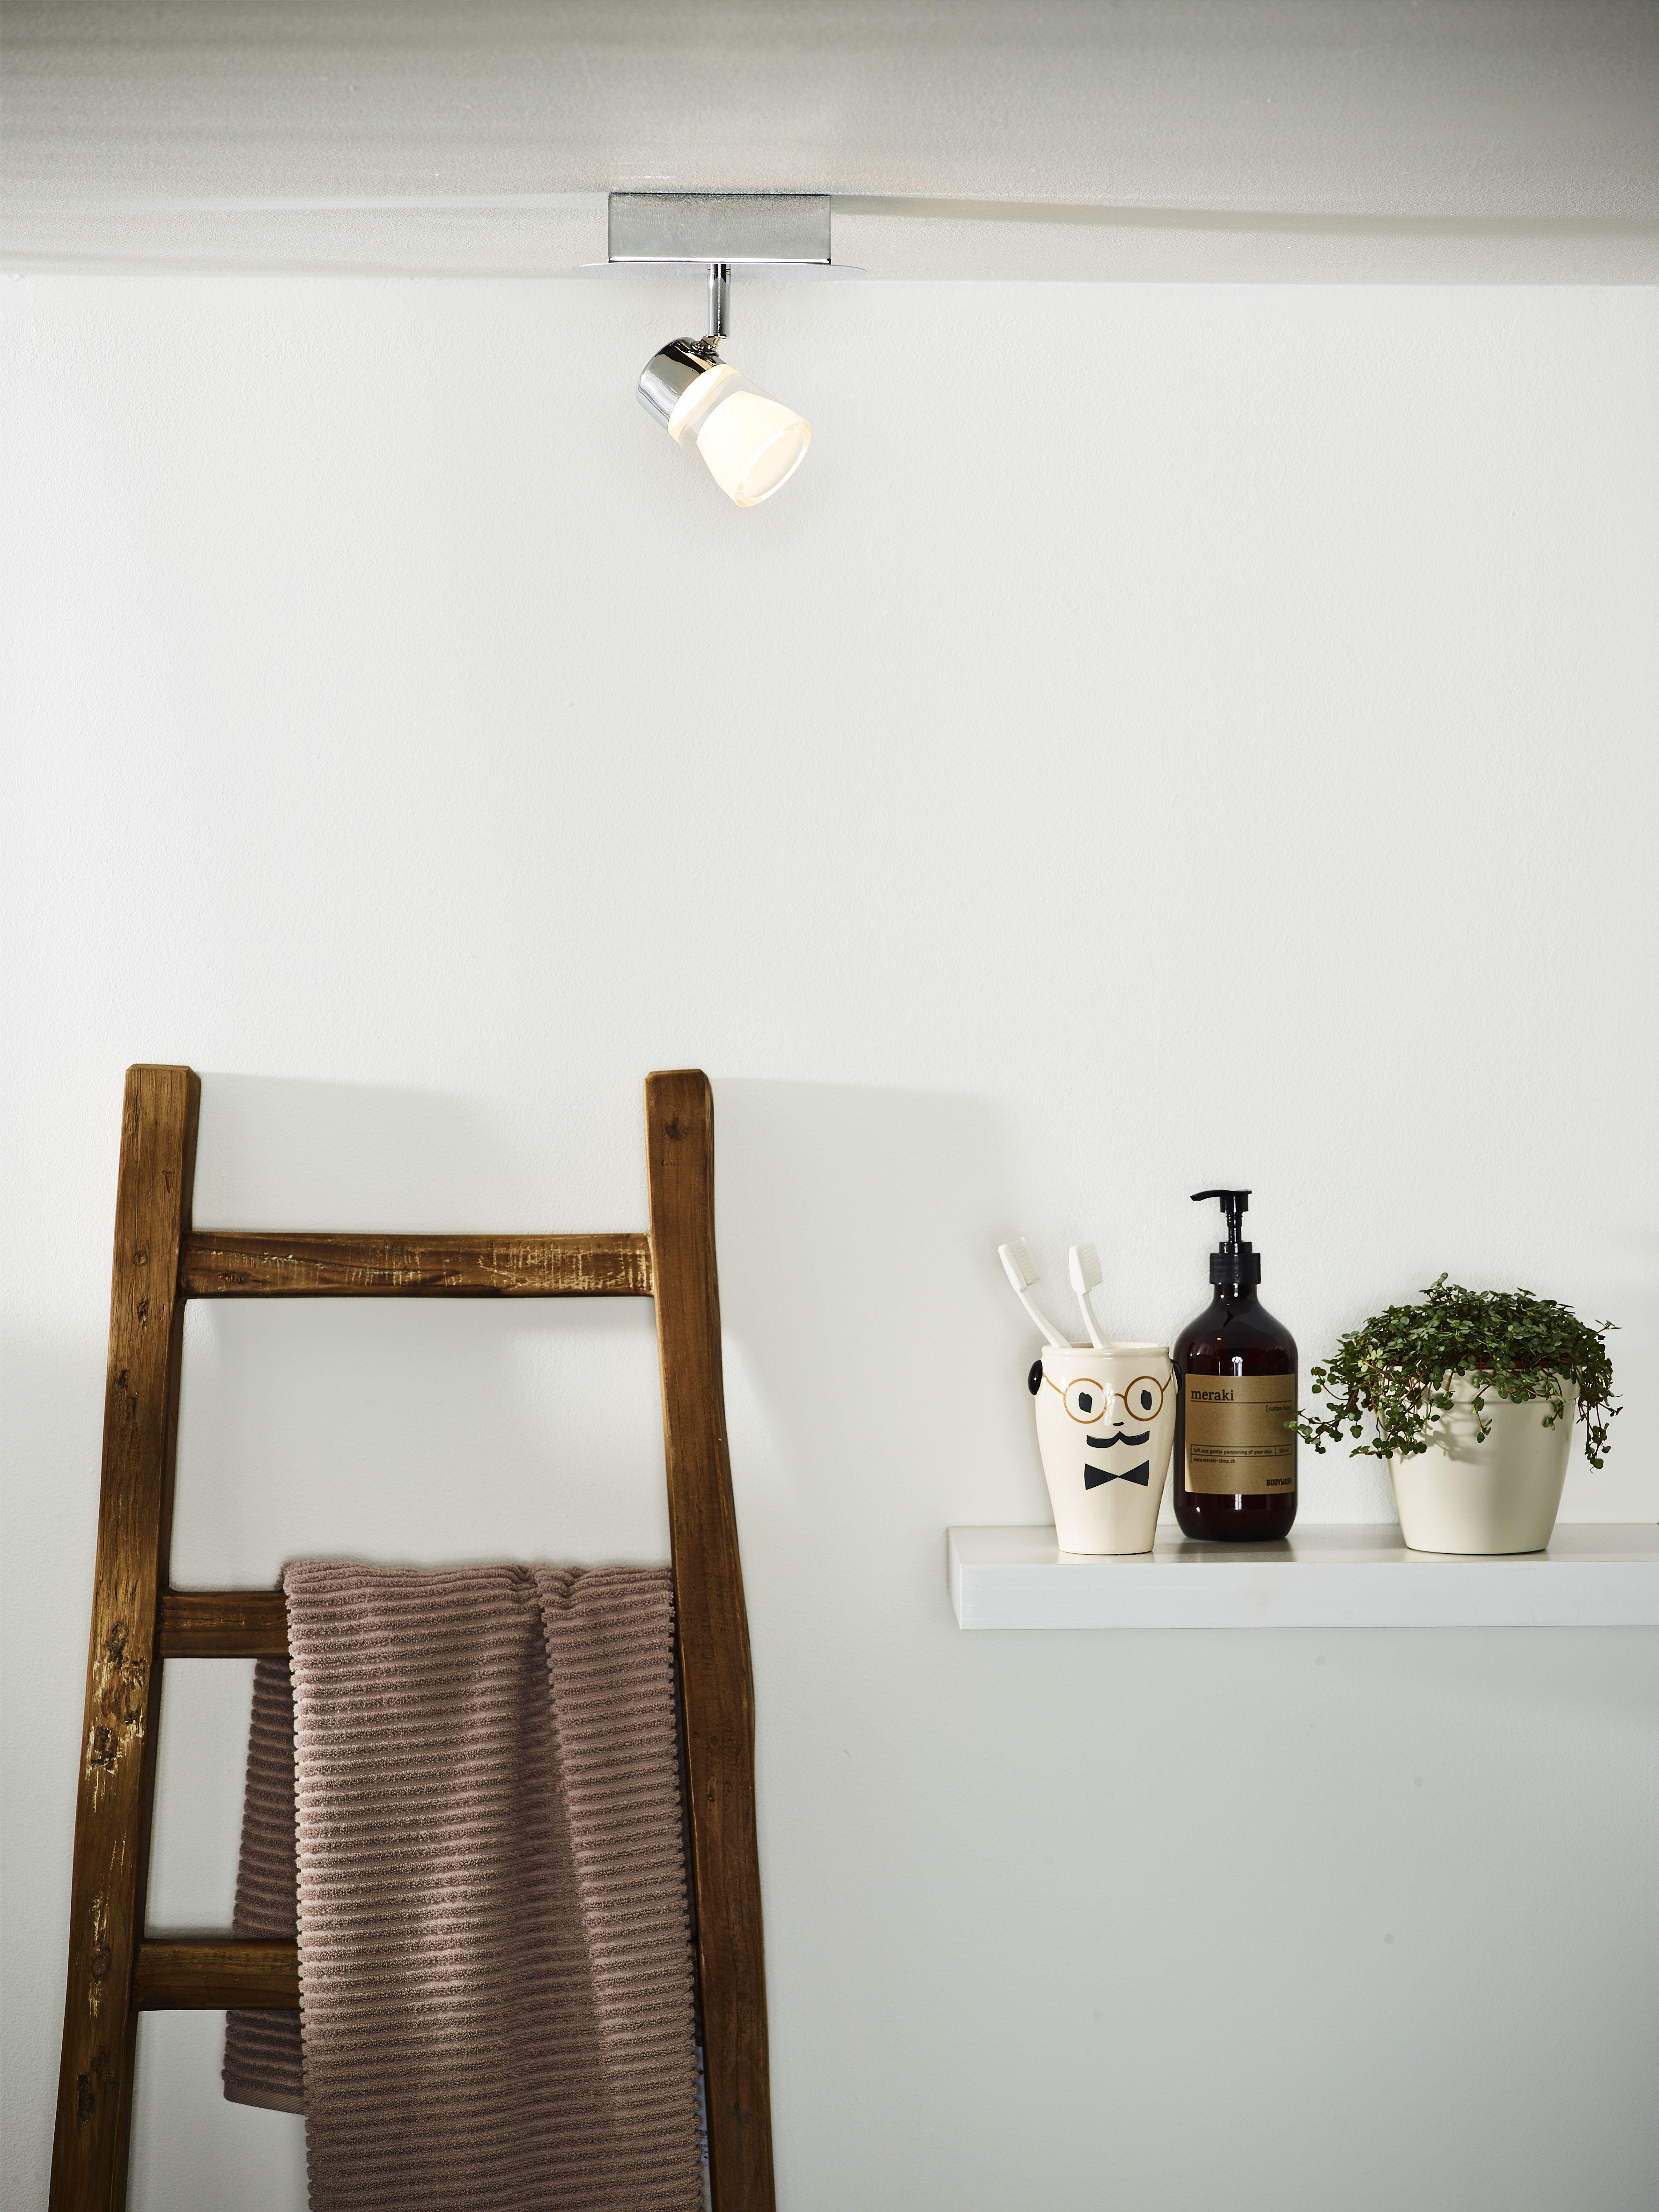 Lucide Xanto Led Ceiling Spotlight Bathroom Led 1x5w 3000k Ip21 Chrome Ceiling Spotlights Led Ceiling Ladder Decor